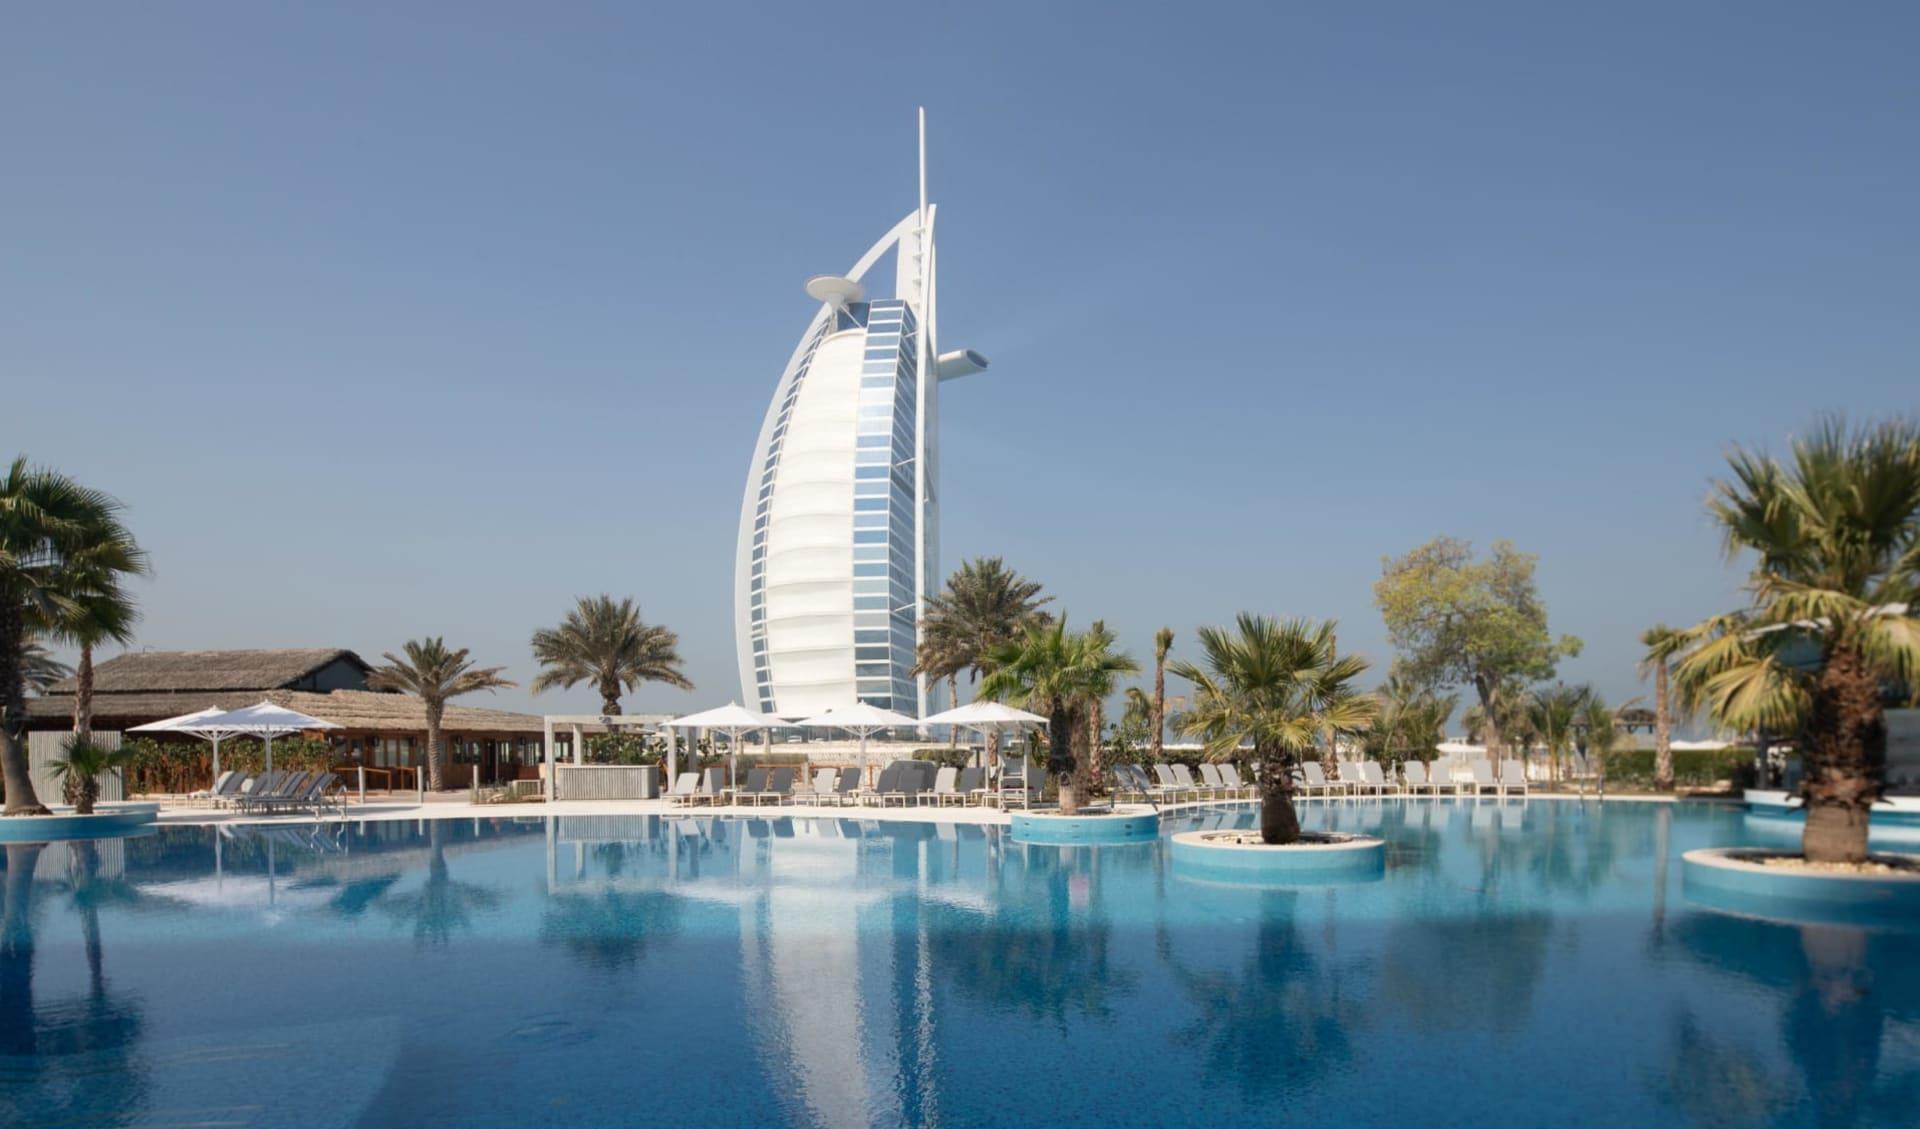 Jumeirah Beach Hotel in Dubai: